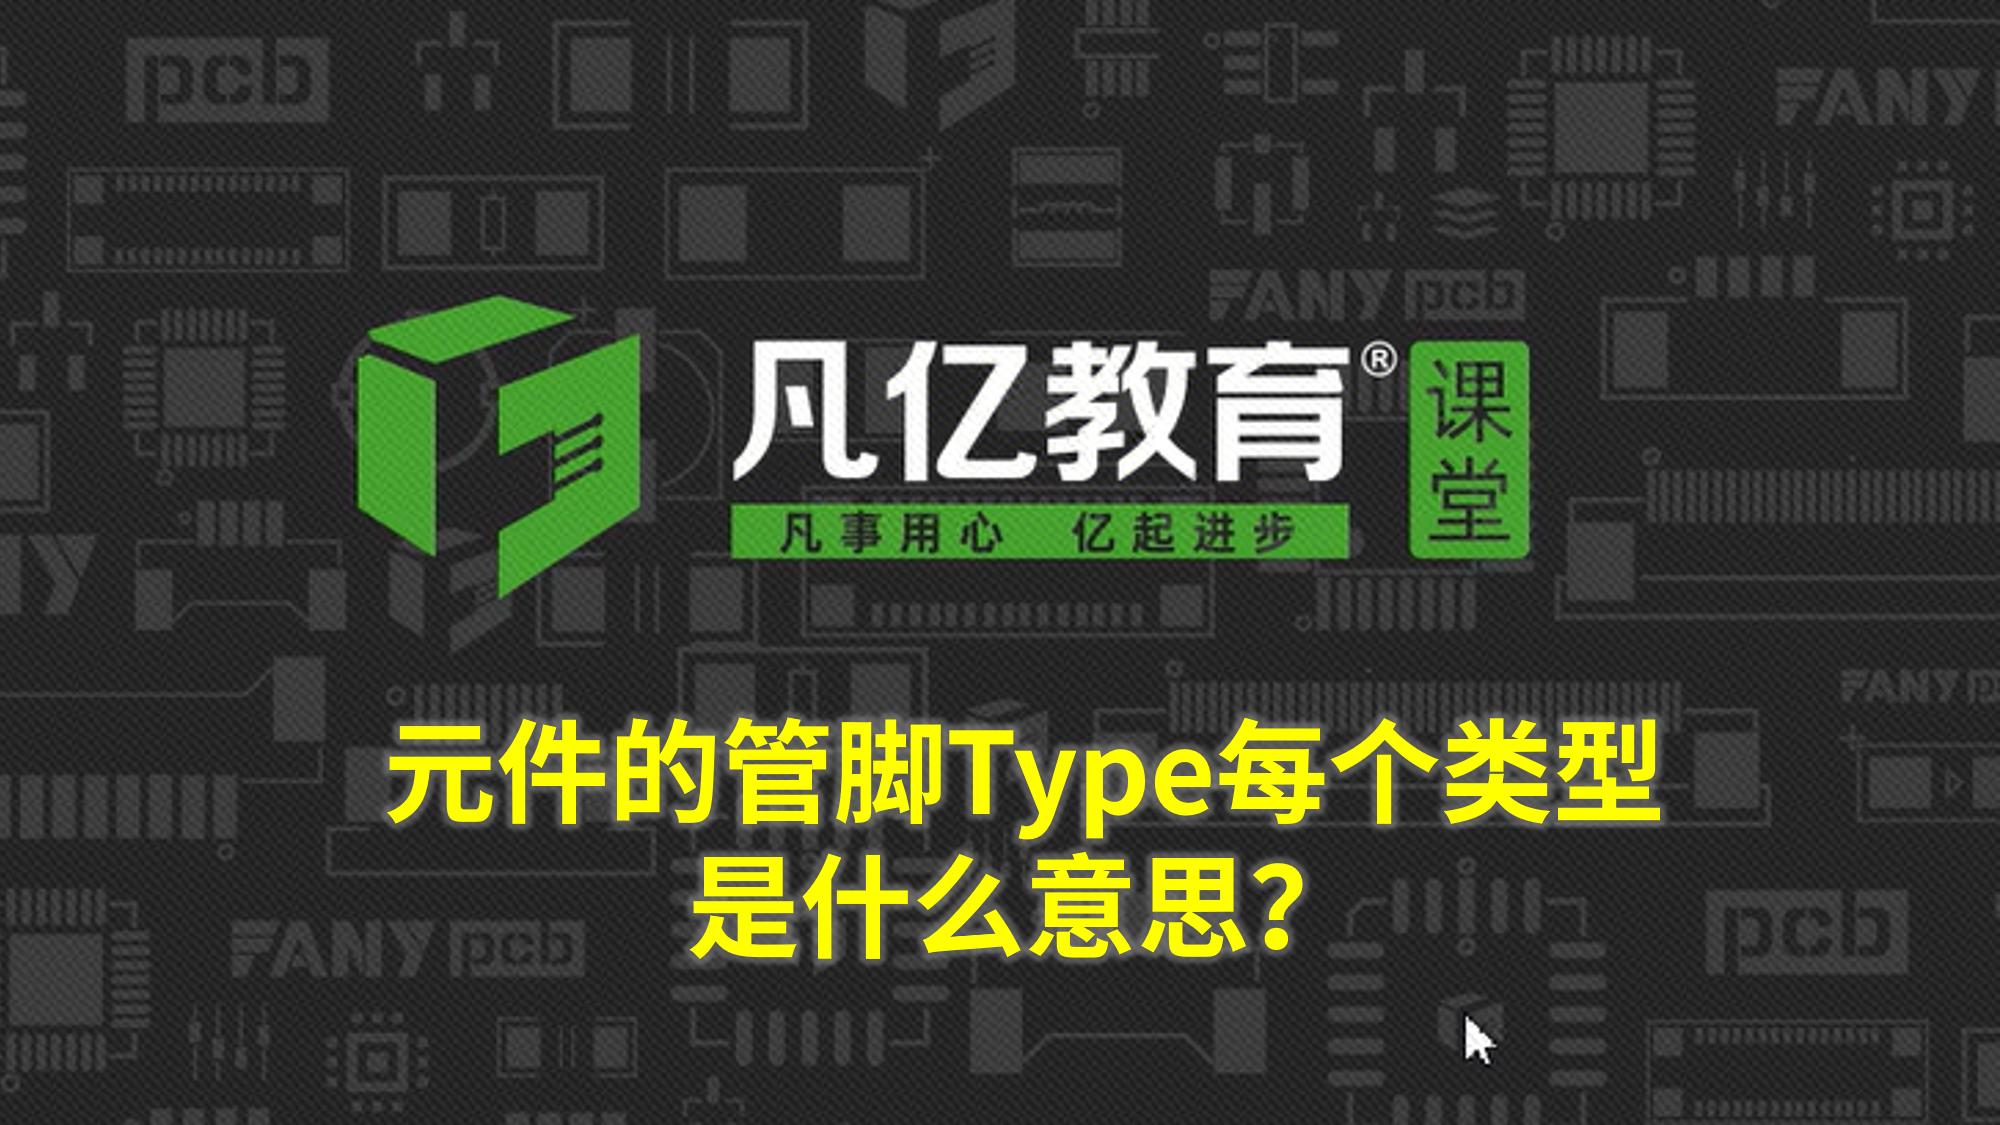 【Altium常见问题解答】元件的管脚Type每个类型是什么意思?